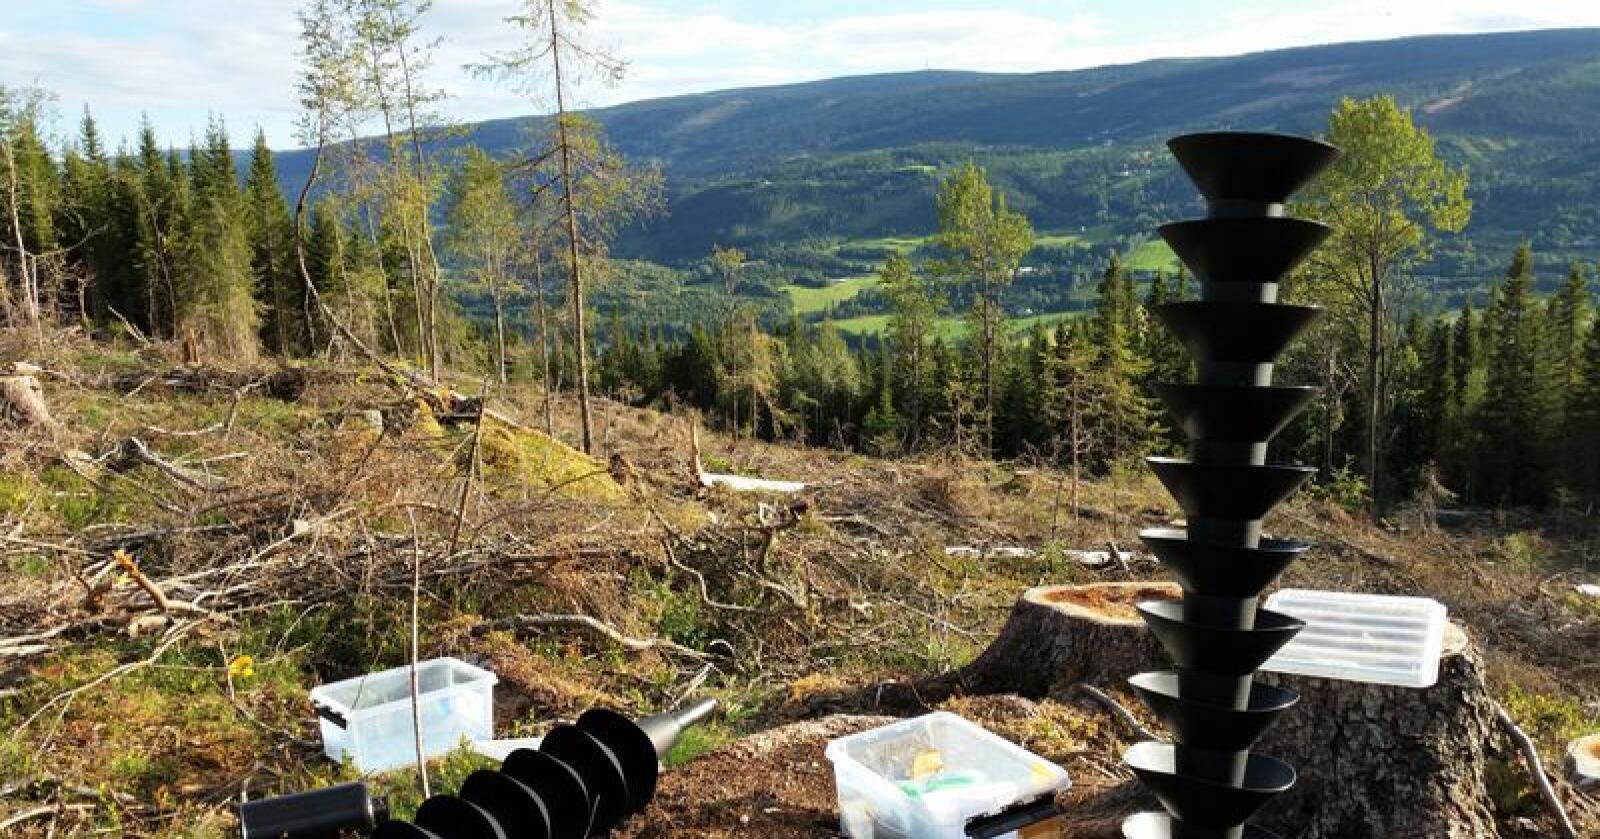 Mange lurer på om det i sommer vil skje en ny barkbillekrise i norske skoger. Her sees granbarkbille-registrering i Oppland. Foto: Fylkesmannen i Oppland